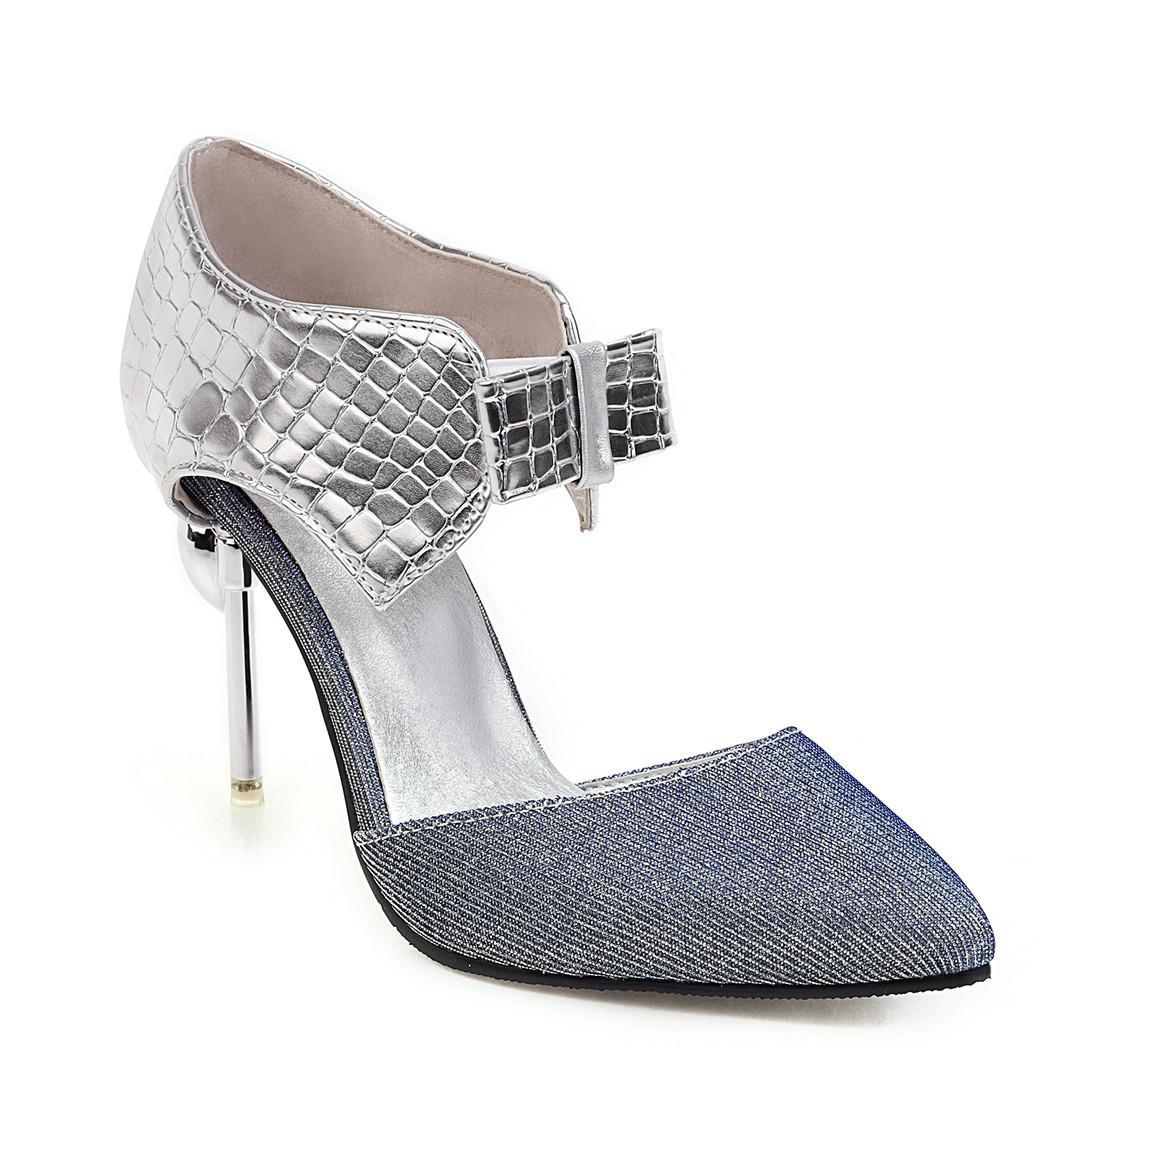 PREZZO BASSO PREZZO DONNA MAGGIORE DEIDER 22-28CM Tacchi super alto 9 cm Sandali serpentine standard serpentina di scarpe da donna Q7je